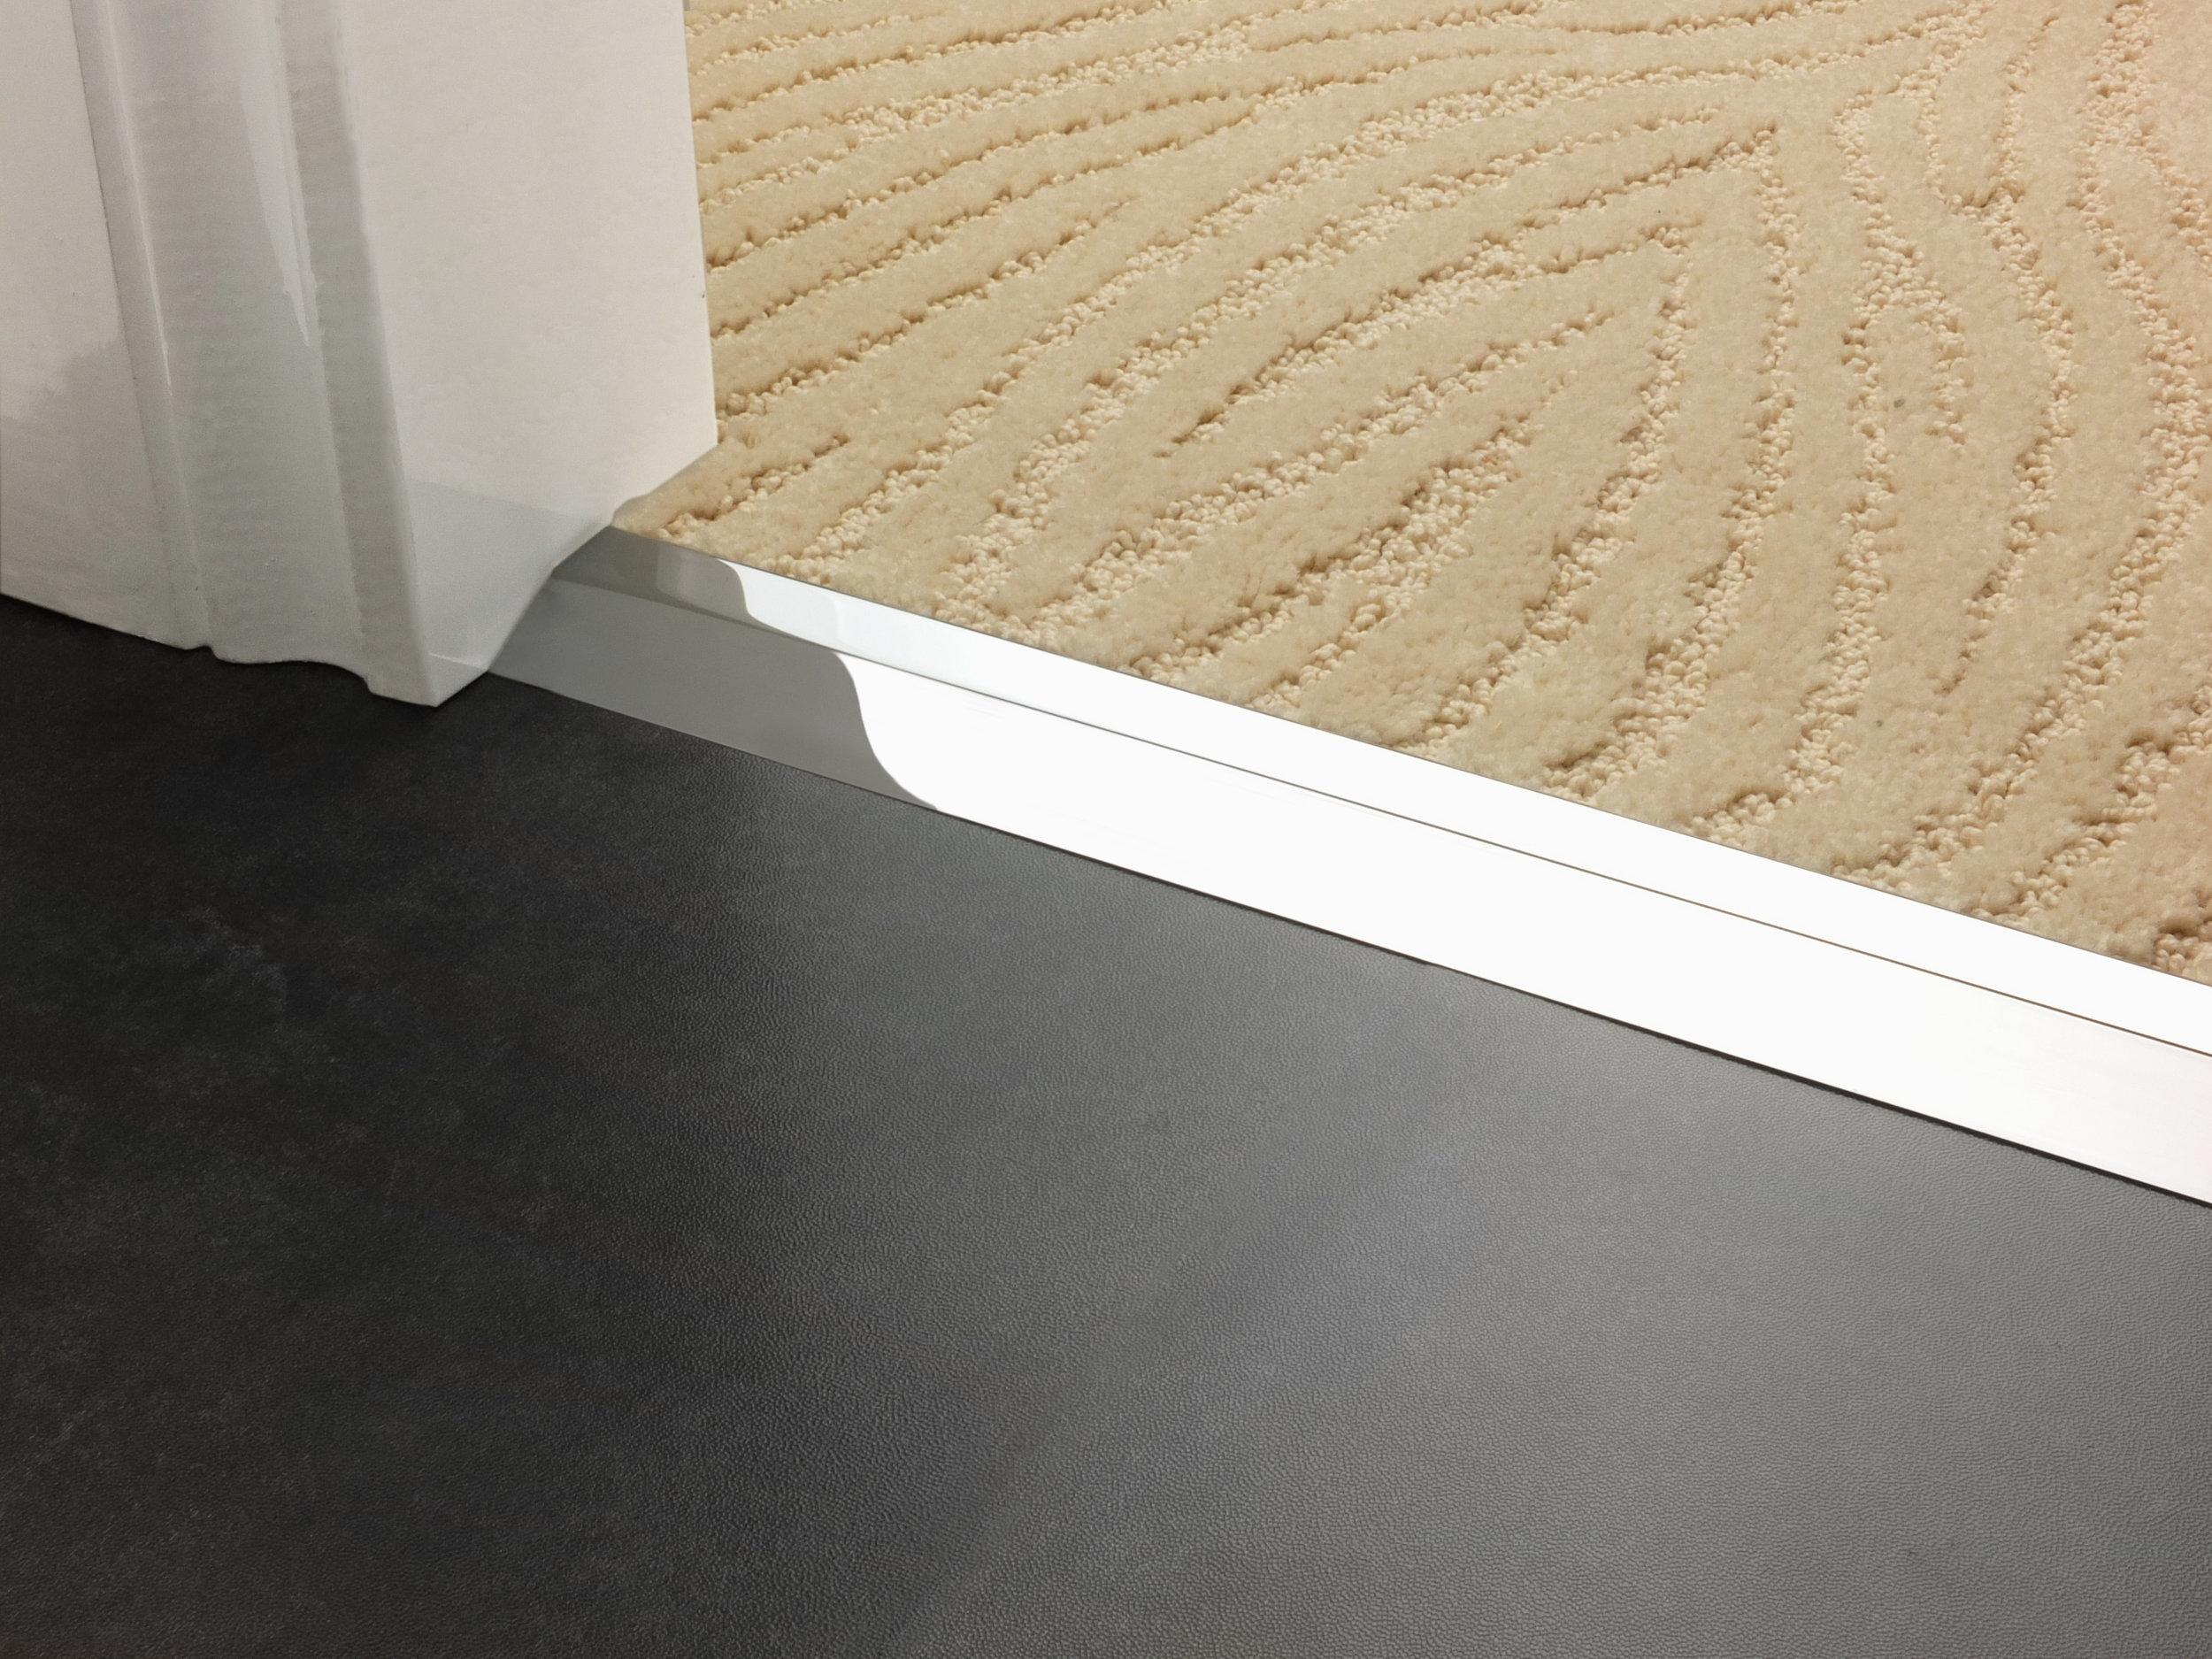 stairrods-doorbar-chrome-compression-ramp-8mm-LHF 1.jpg